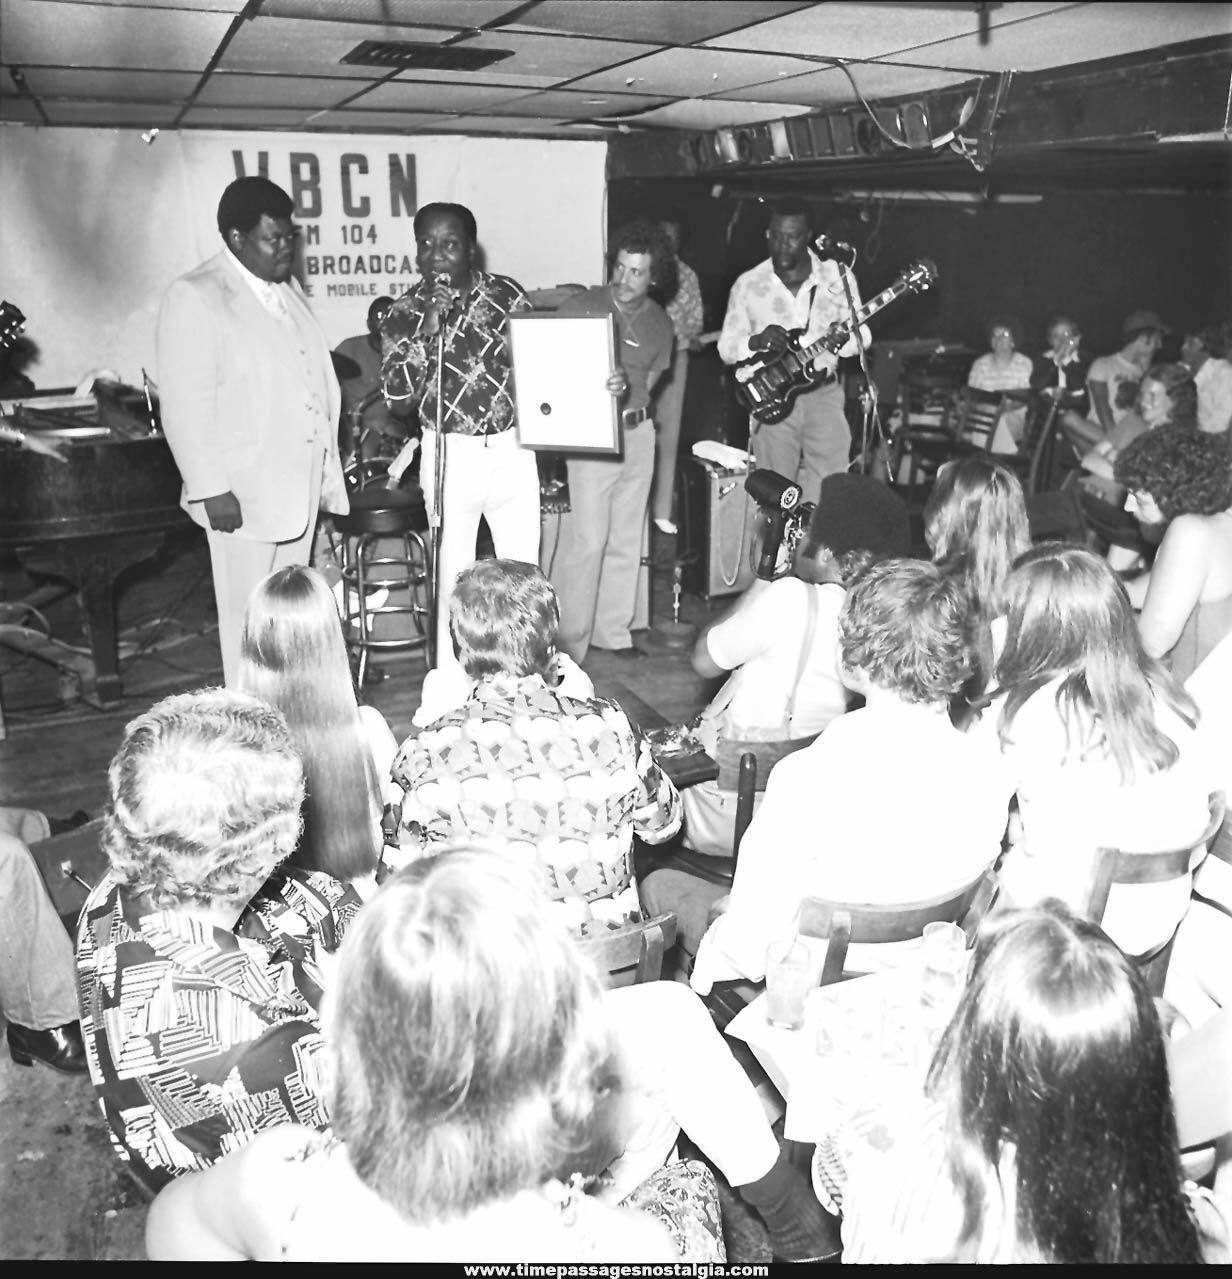 (8) 1976 Muddy Waters Day Boston Massachusetts Black & White Professional Photograph Negatives